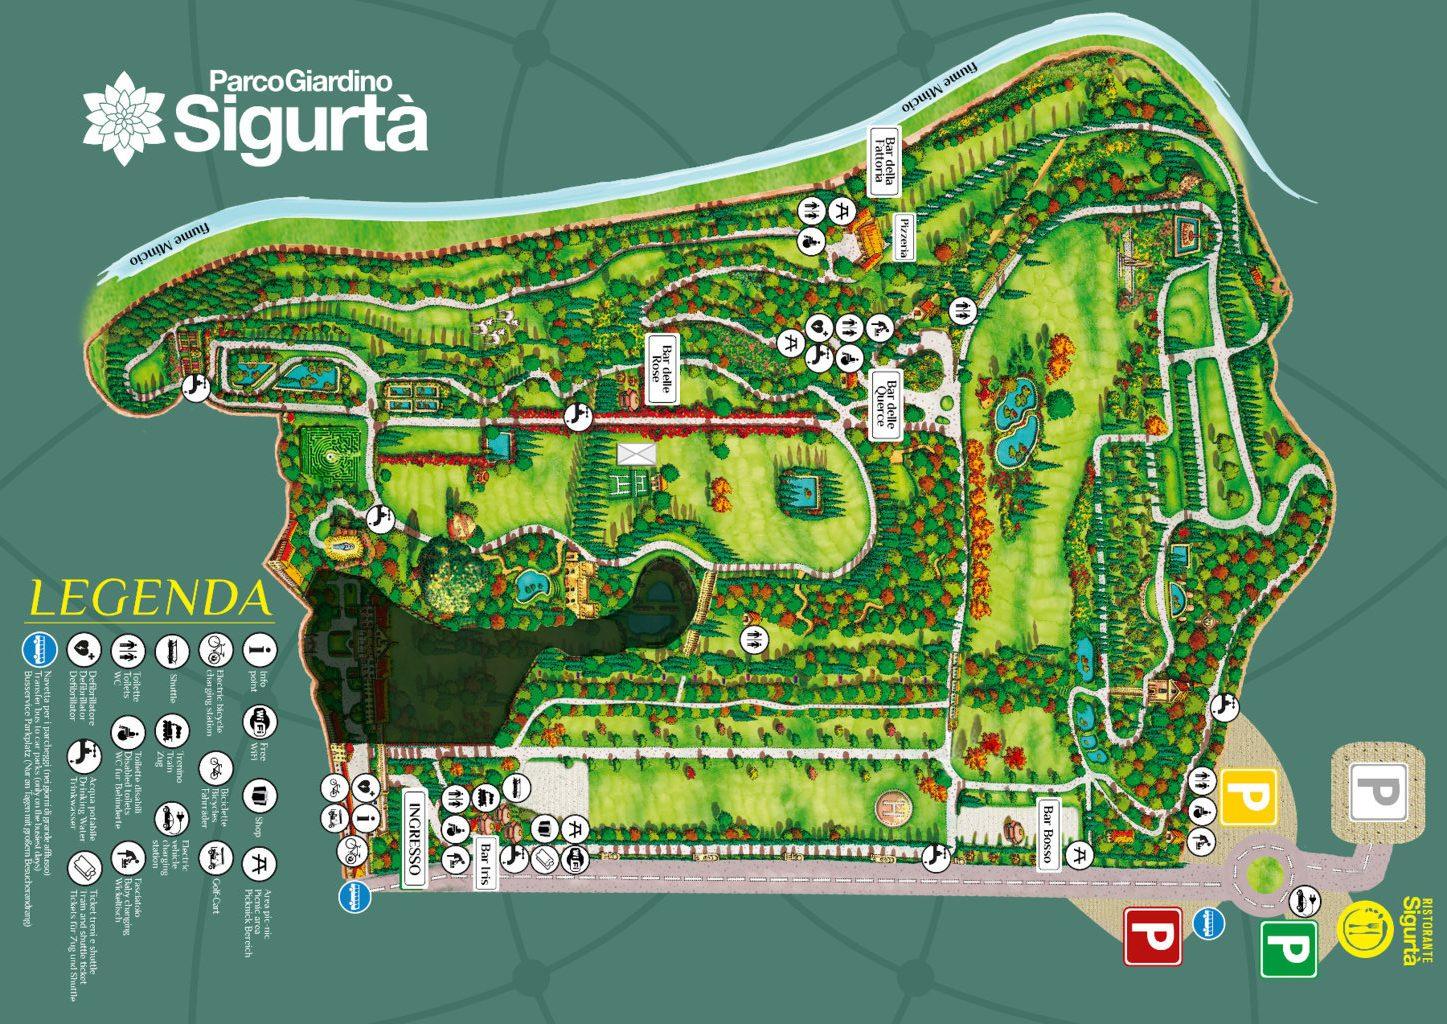 La mappa del Parco Sigurtà a Valeggio sul Mincio